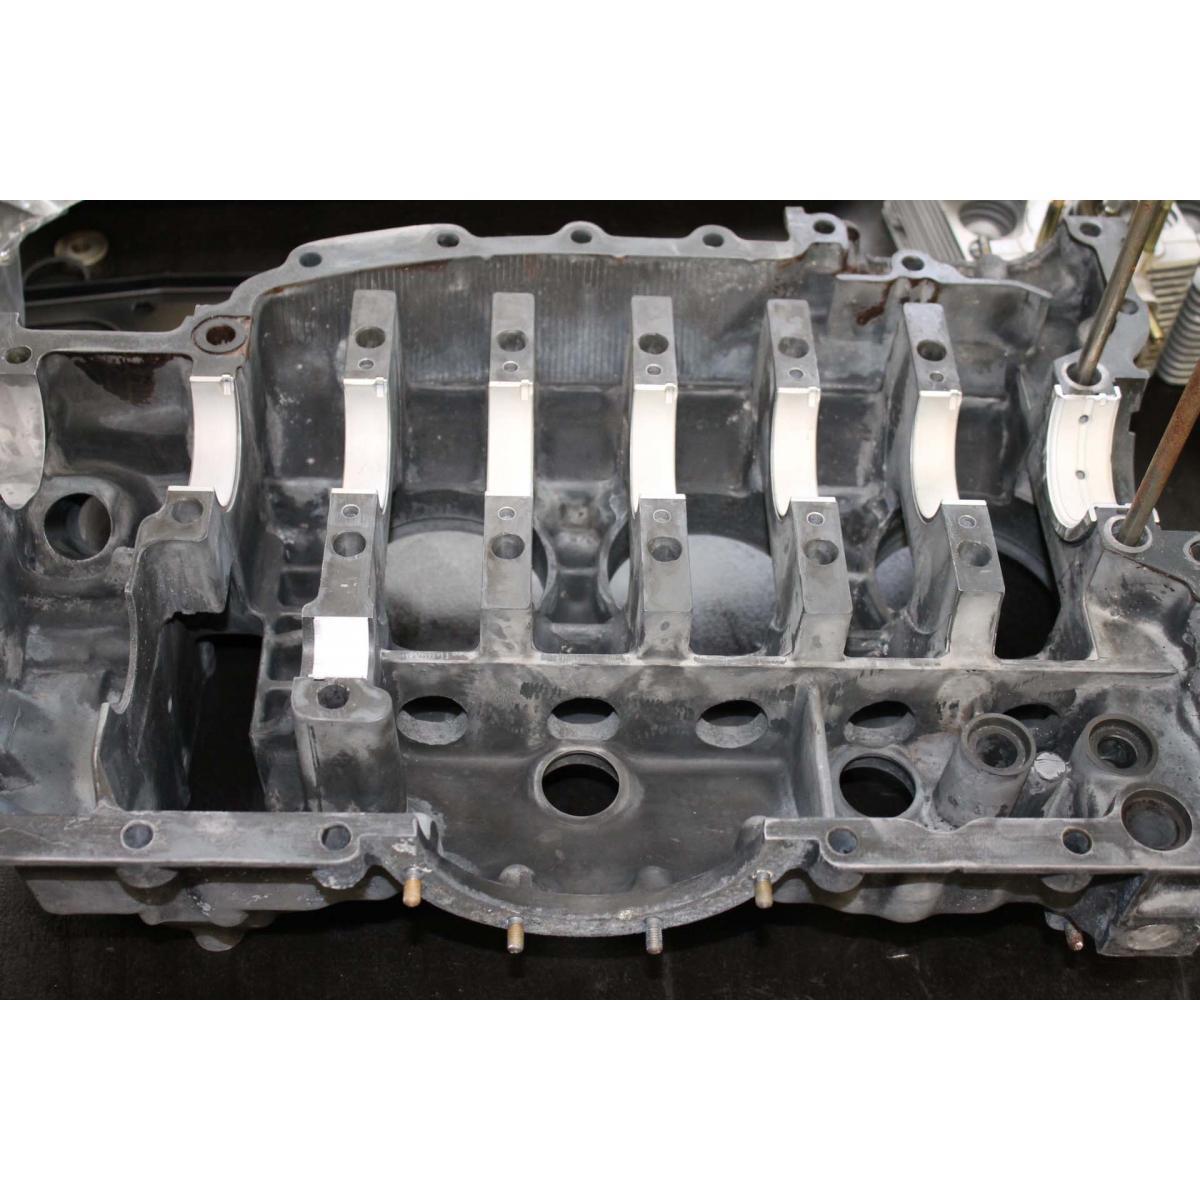 Motor komplett, 2,0 EVO IV, 244 PS/ 209 Nm